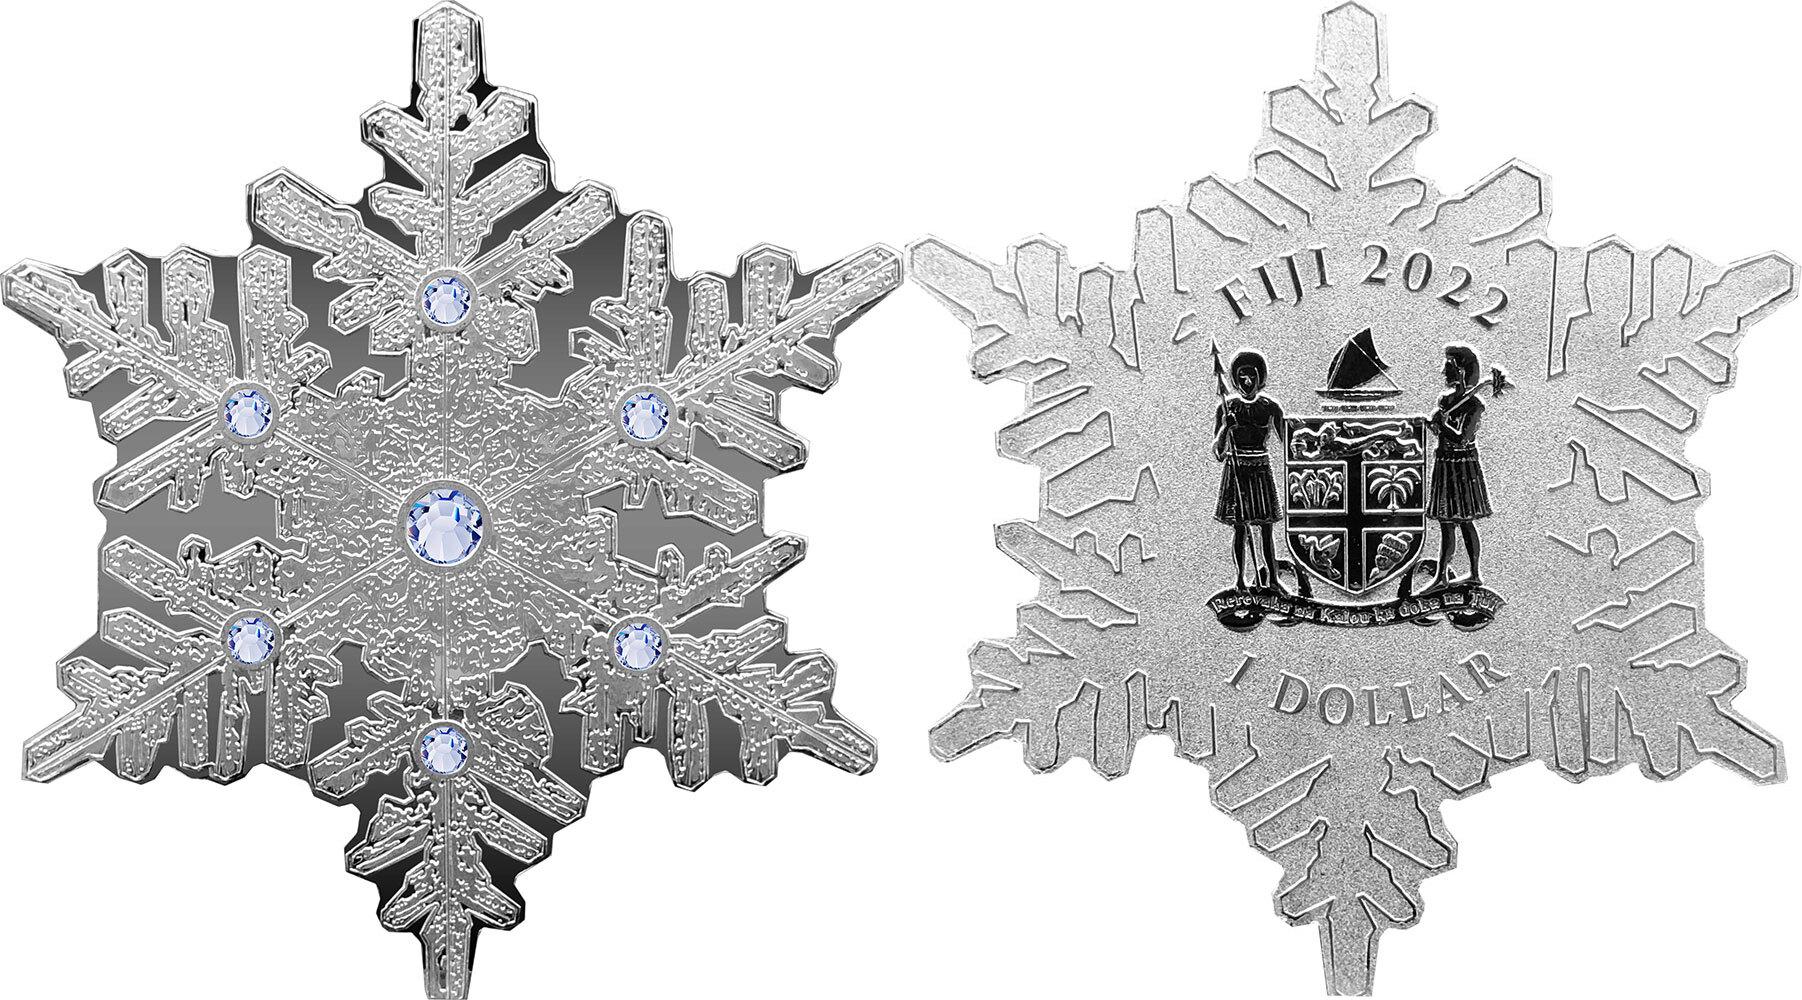 fidji-2022-flocon-de-neige